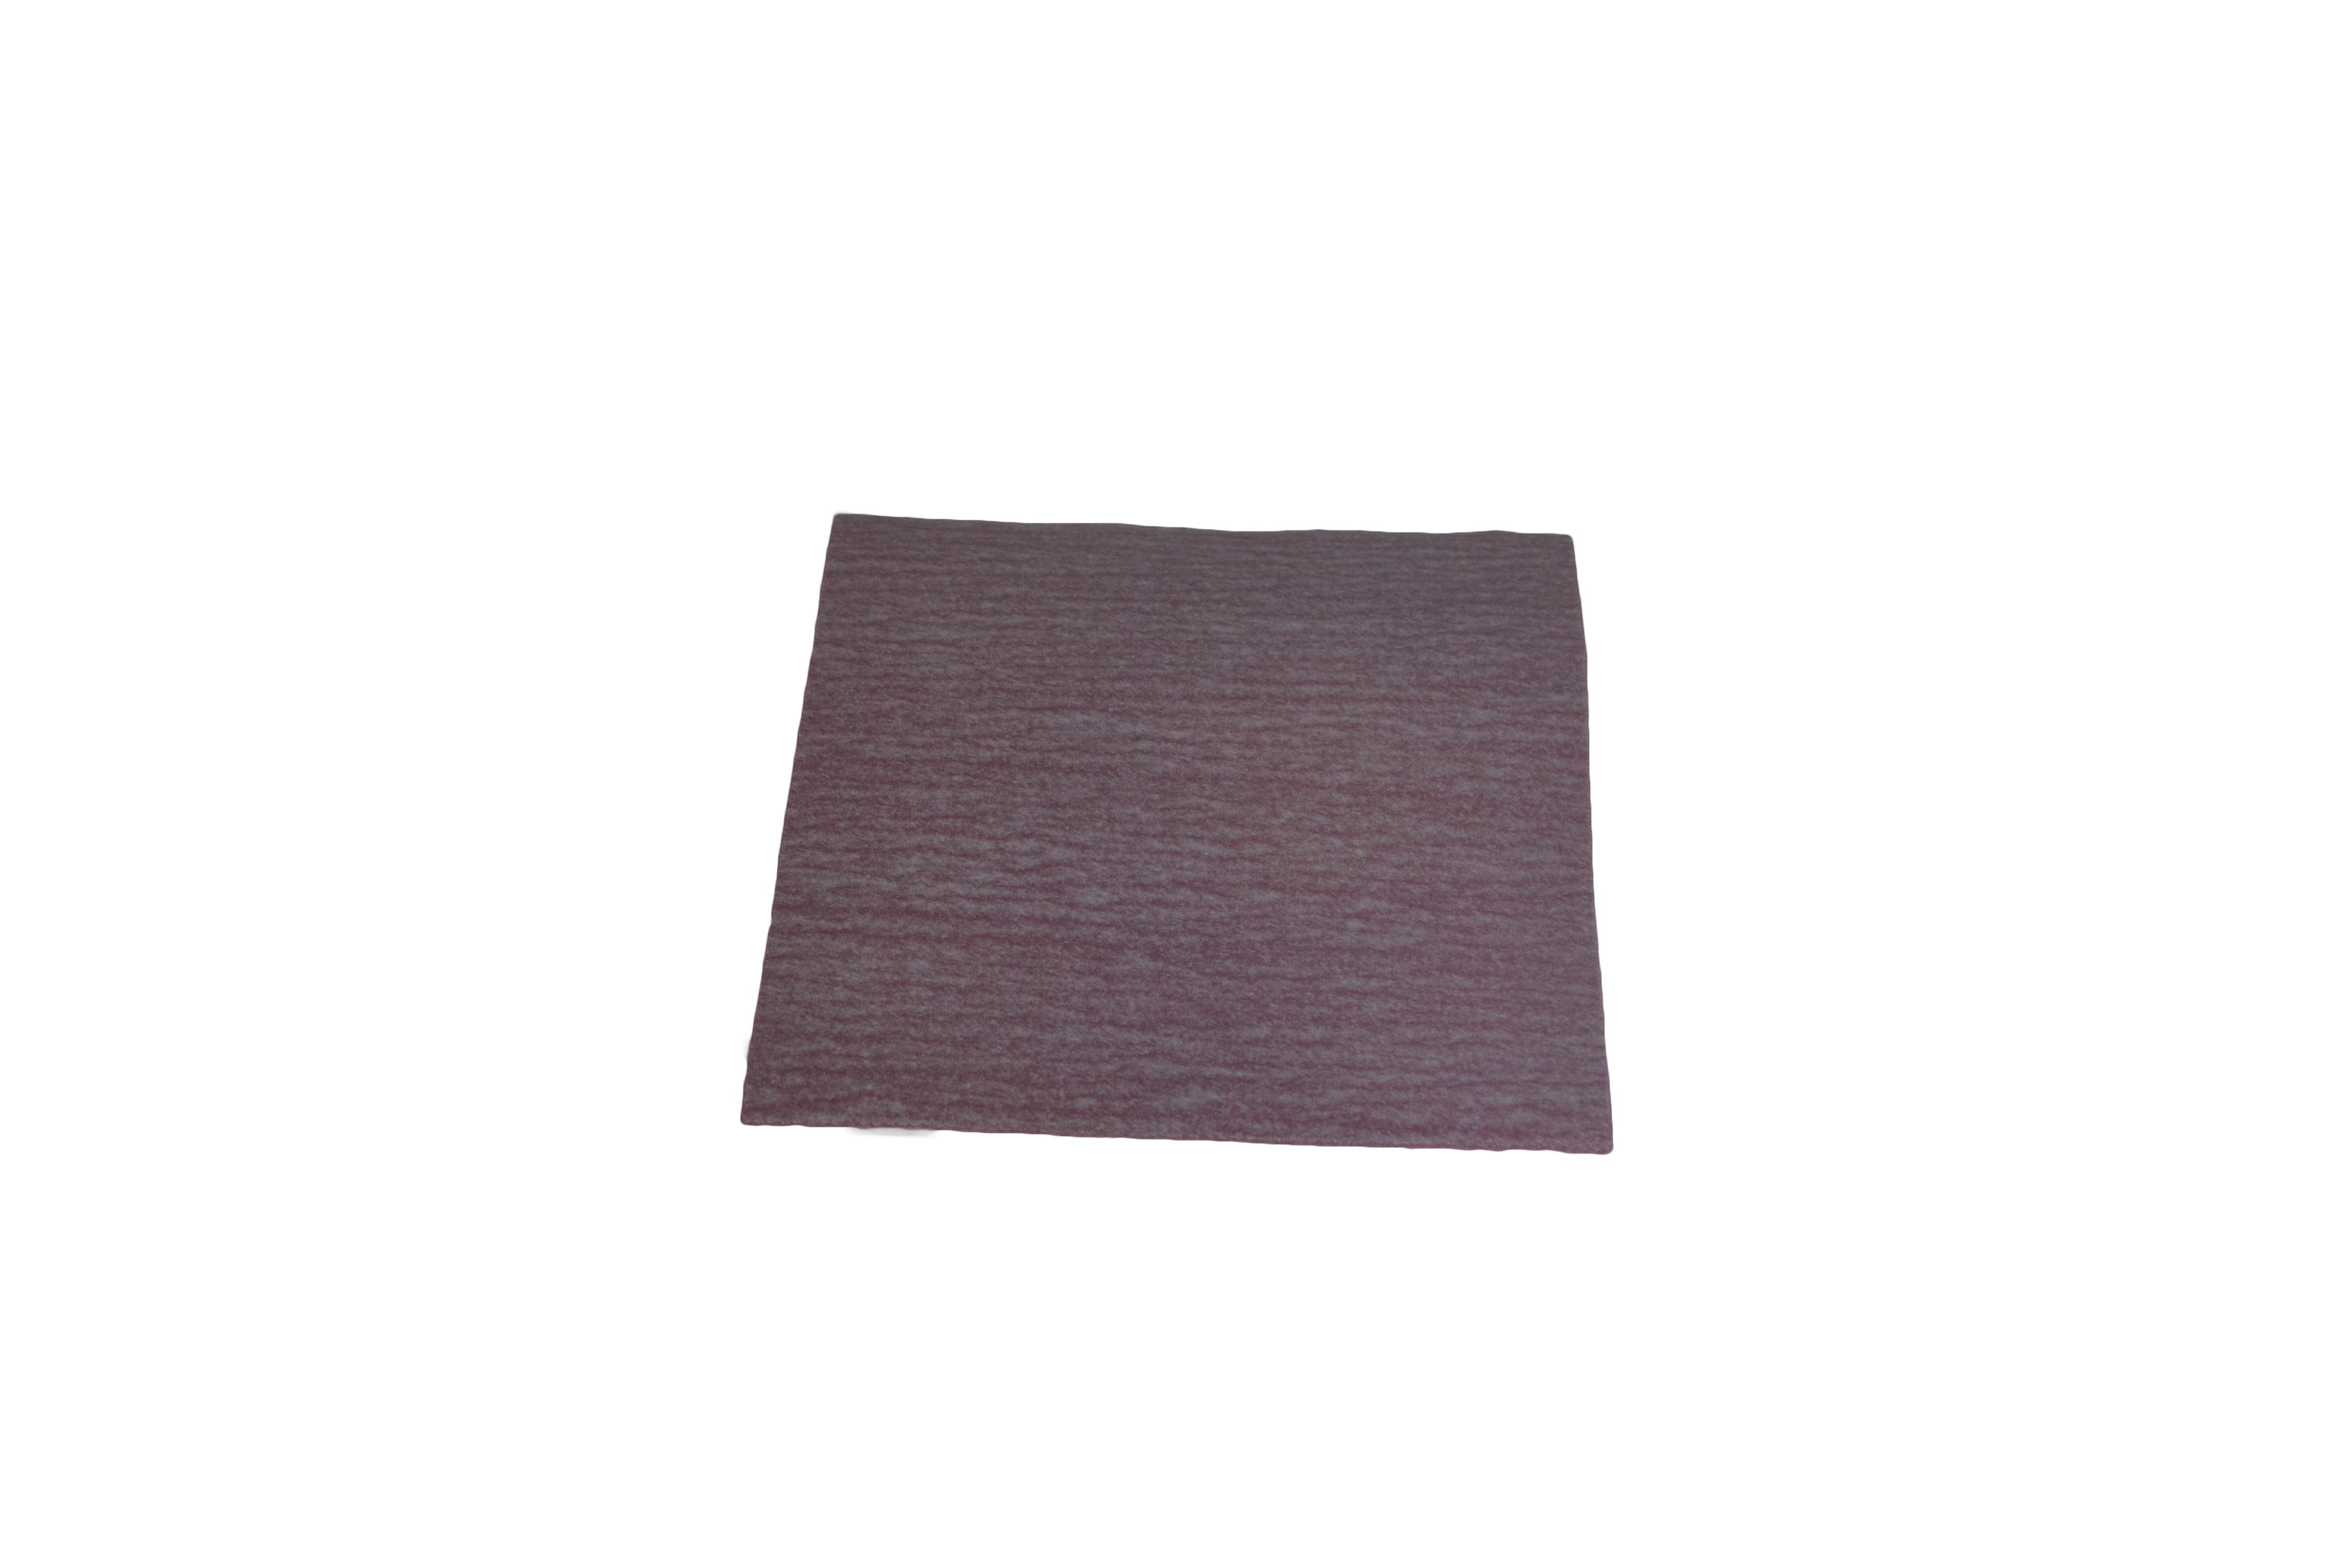 Foglietto carta abrasiva con velcro - mm. 100x120 - Grana 40 - Confezione 250Pz.